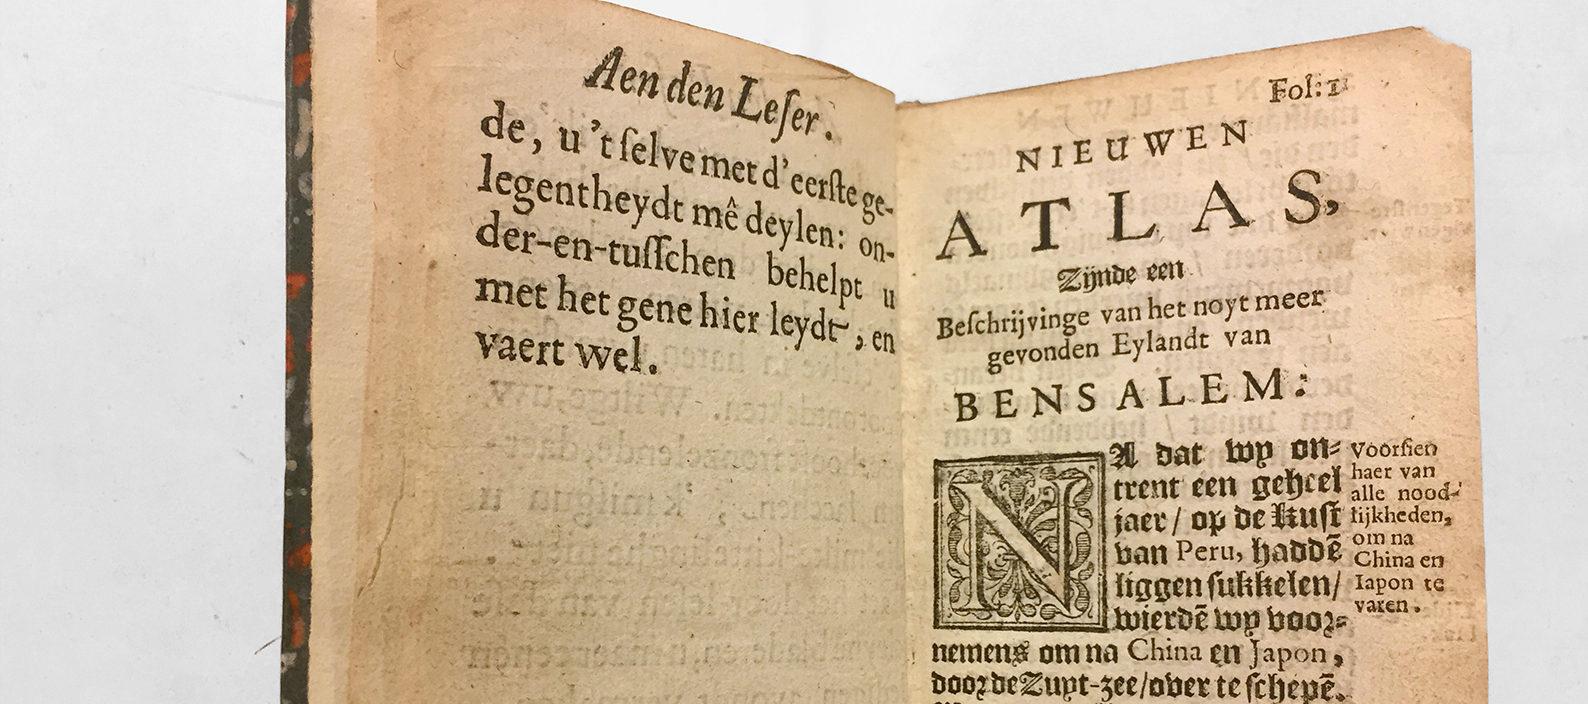 nieuwen atlas